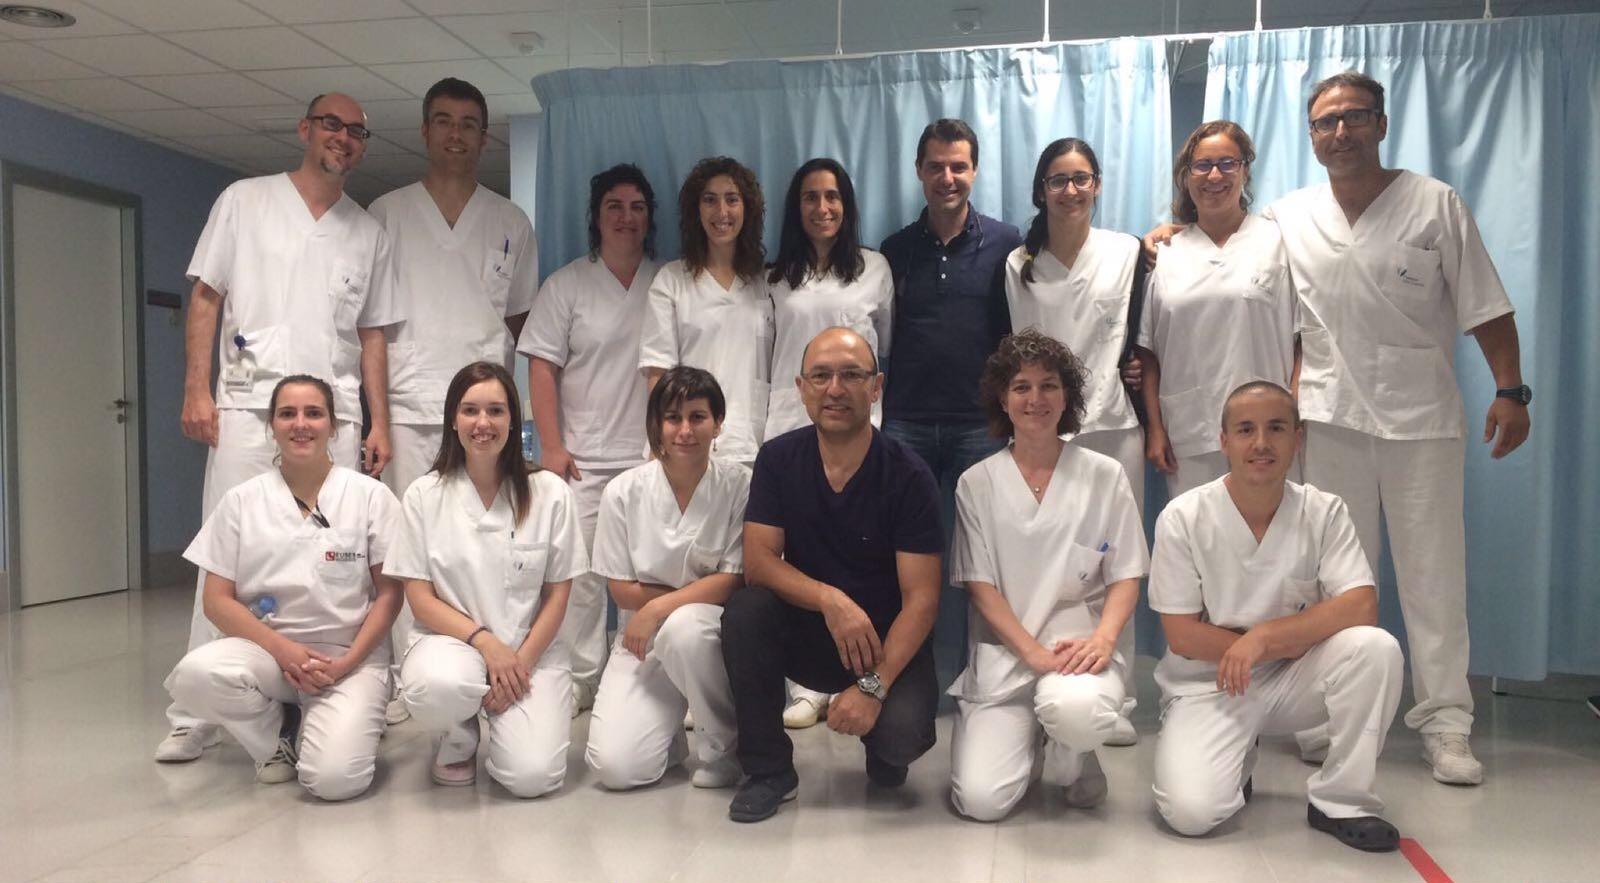 EUSES realitza a l'Hospital de Figueres un curs d'especialització en les lesions de l'espatlla